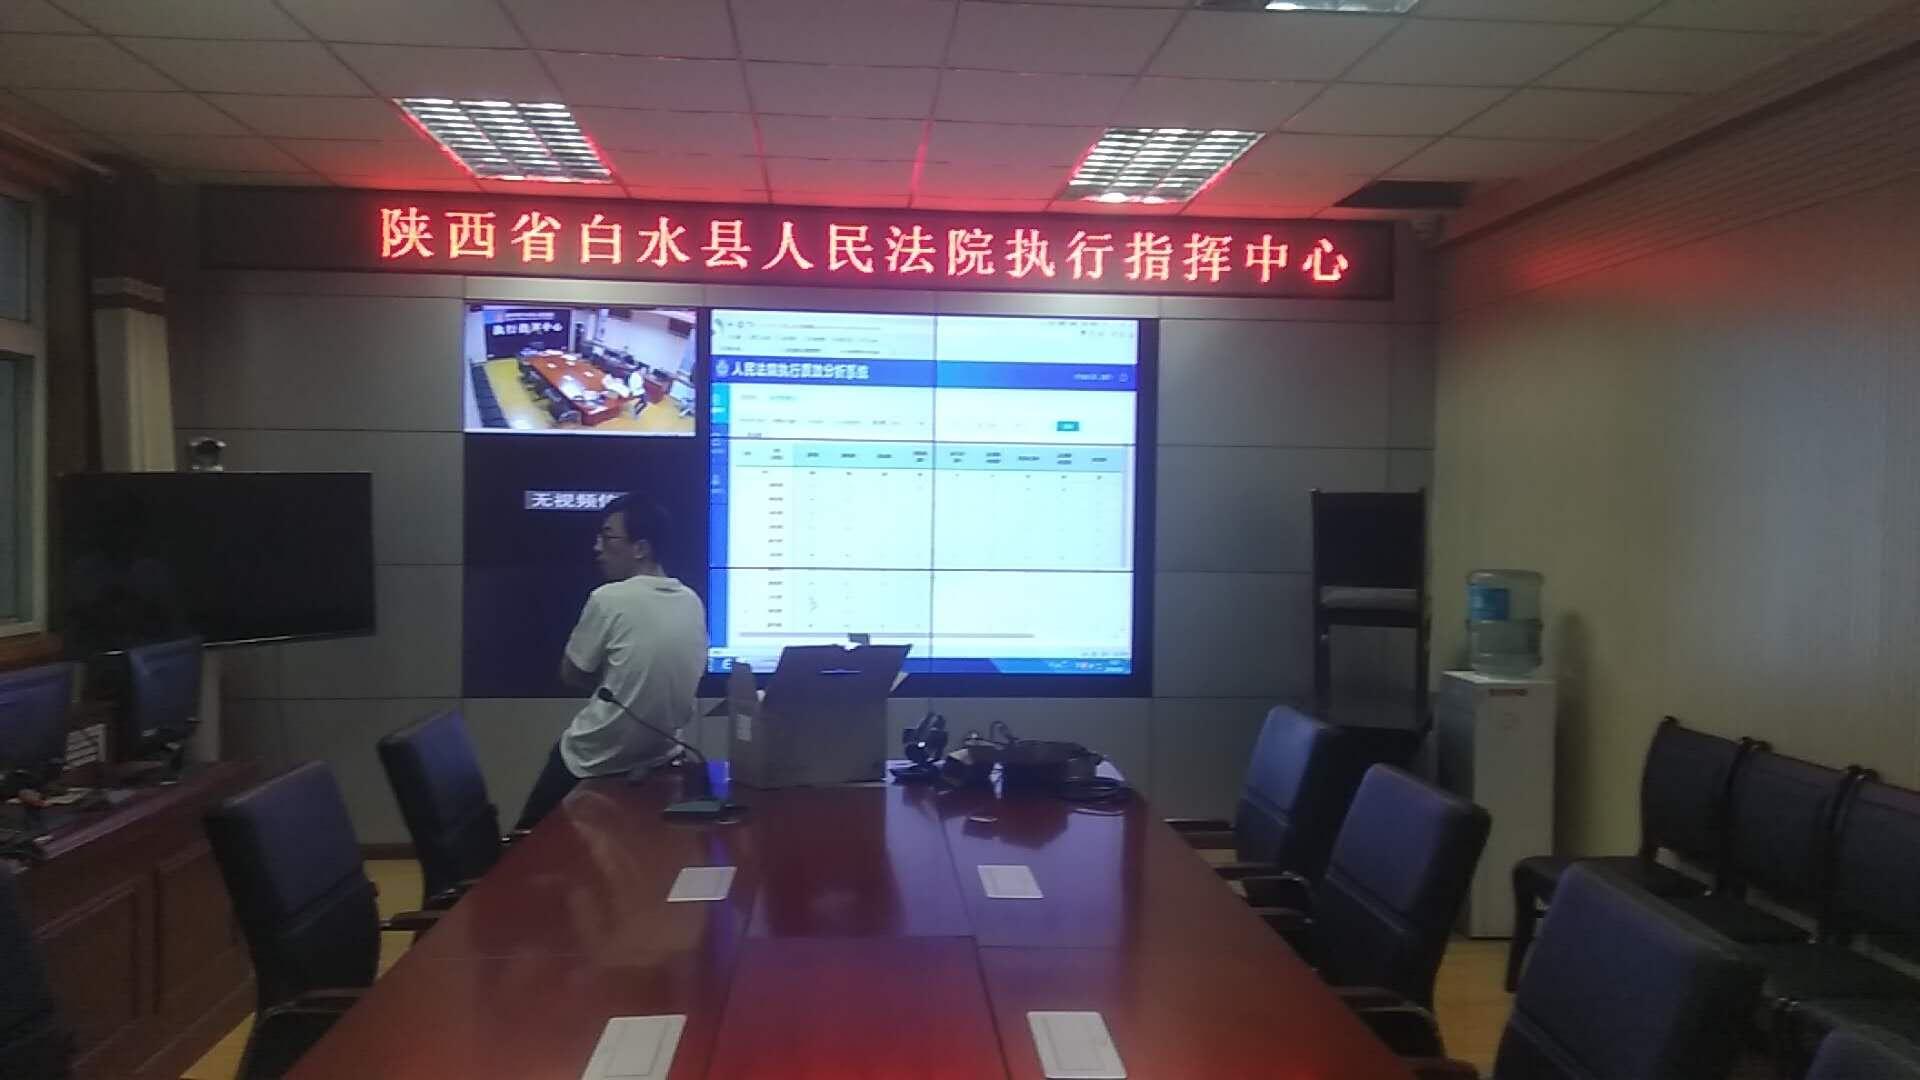 白水县人民法院yabovip2019yabovip20